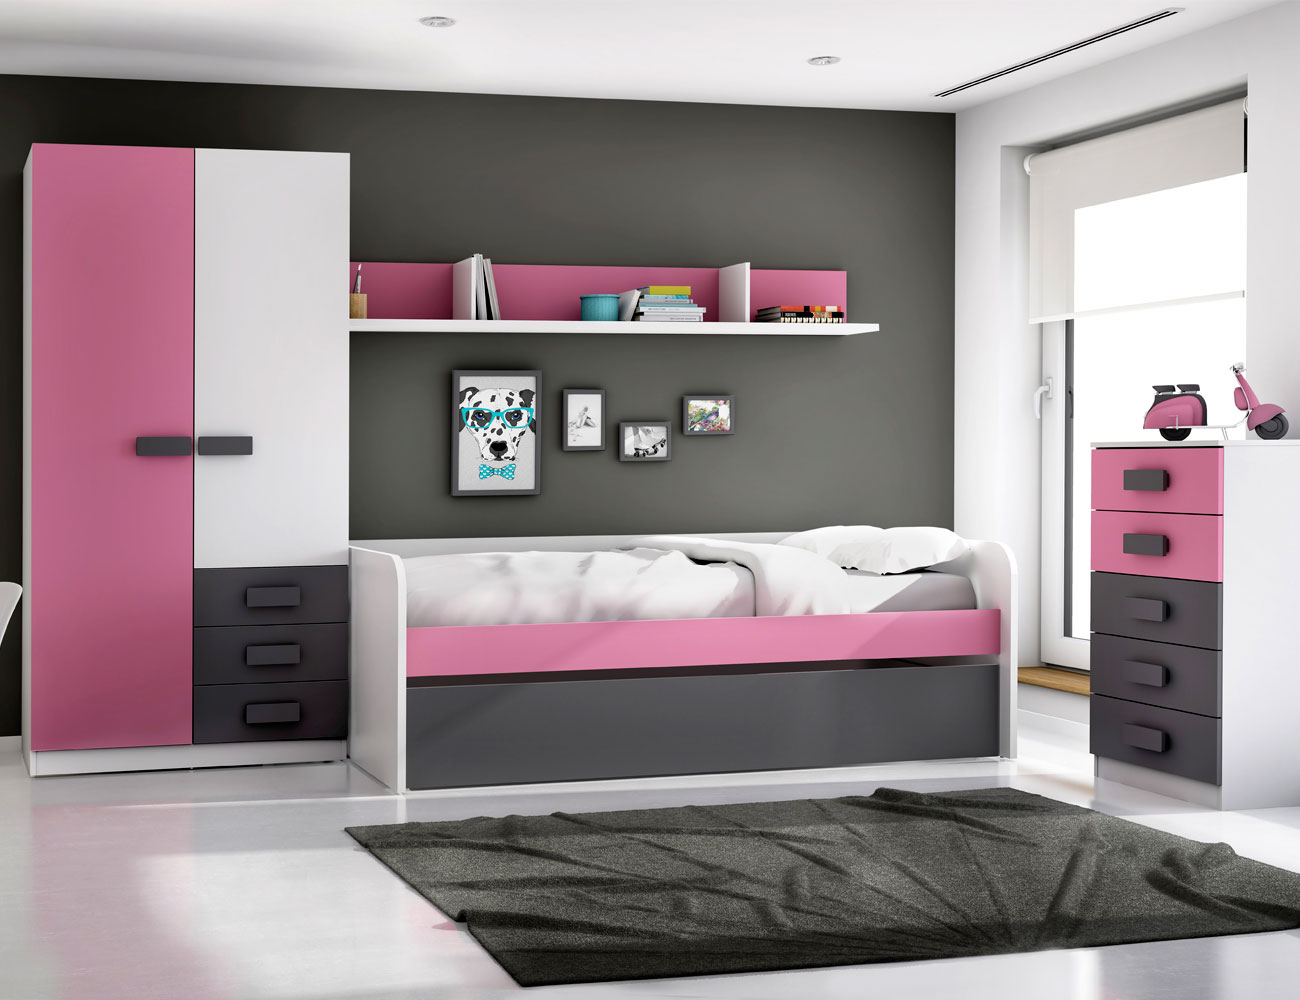 Dormitorio juvenil grafito rosa1